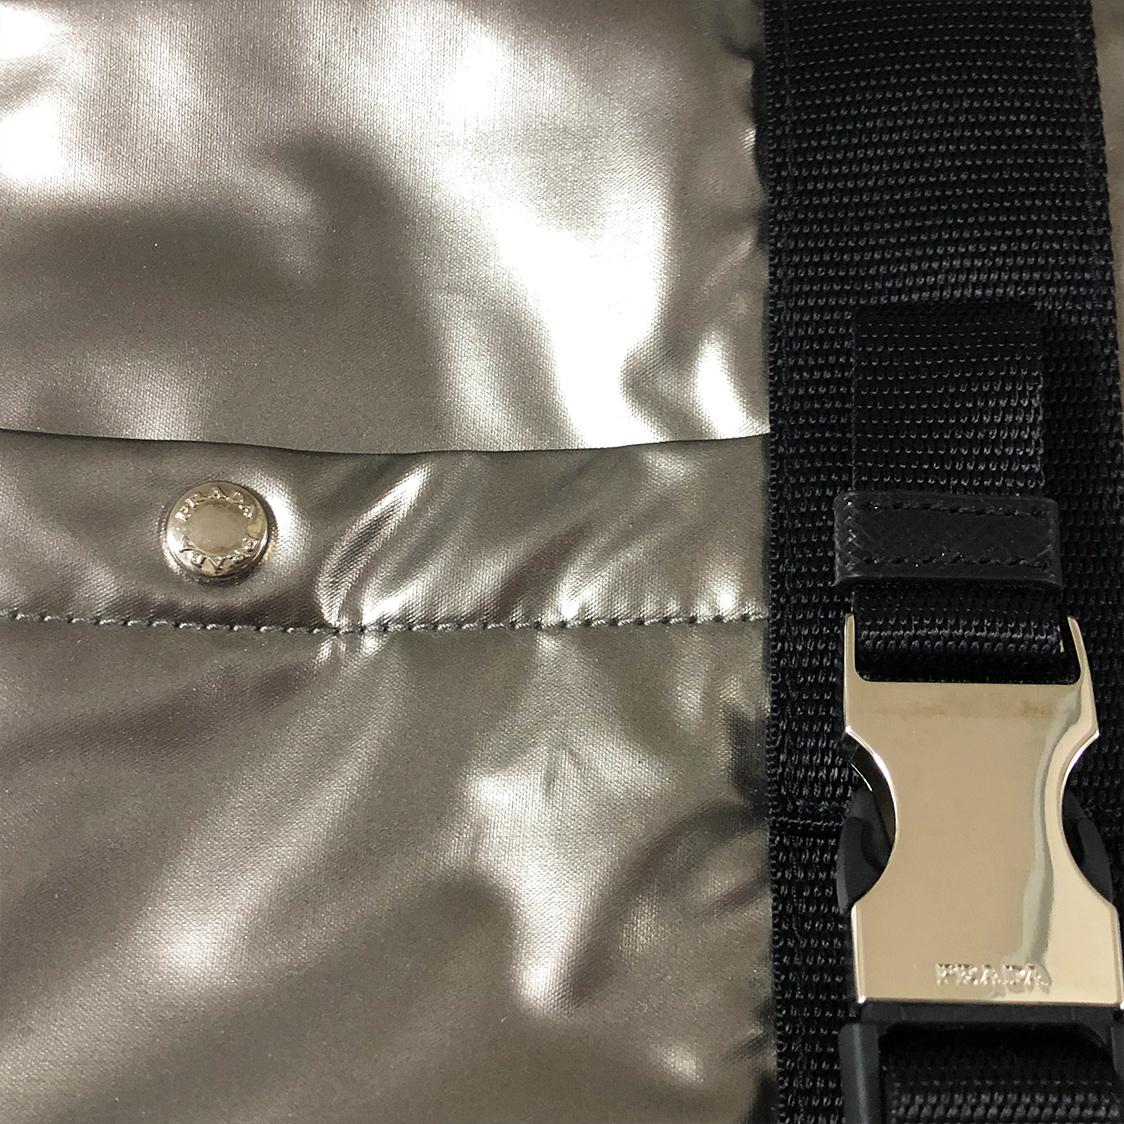 新品 国内未発売 PRADA プラダ ボストンバッグ 鞄 シルバー ショルダー 正規品 パリ限定 レア